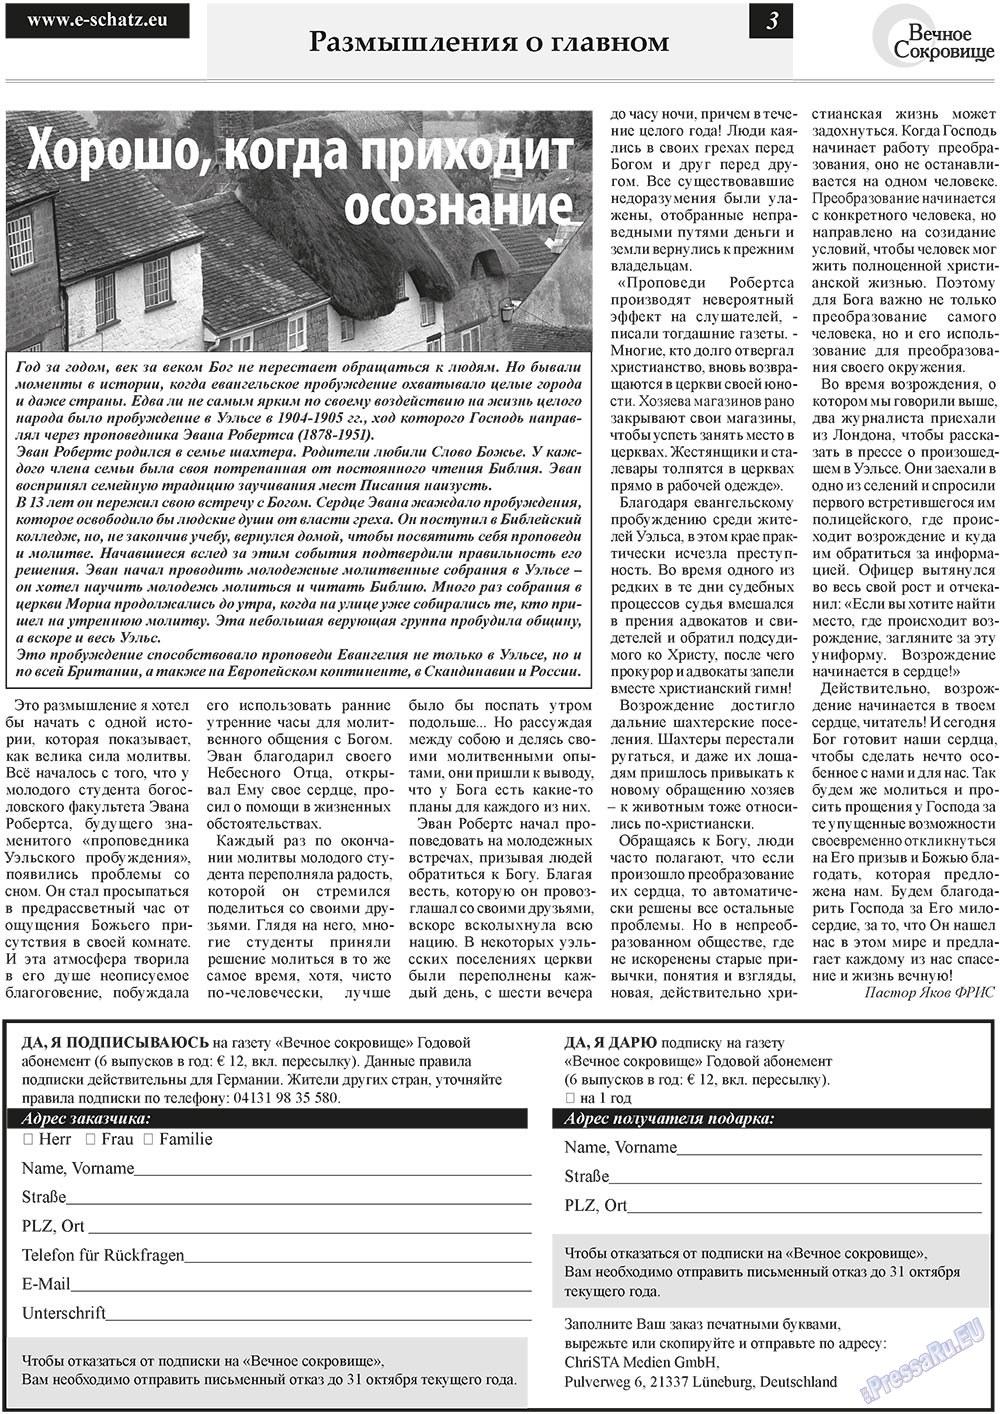 Вечное сокровище (газета). 2011 год, номер 1, стр. 3